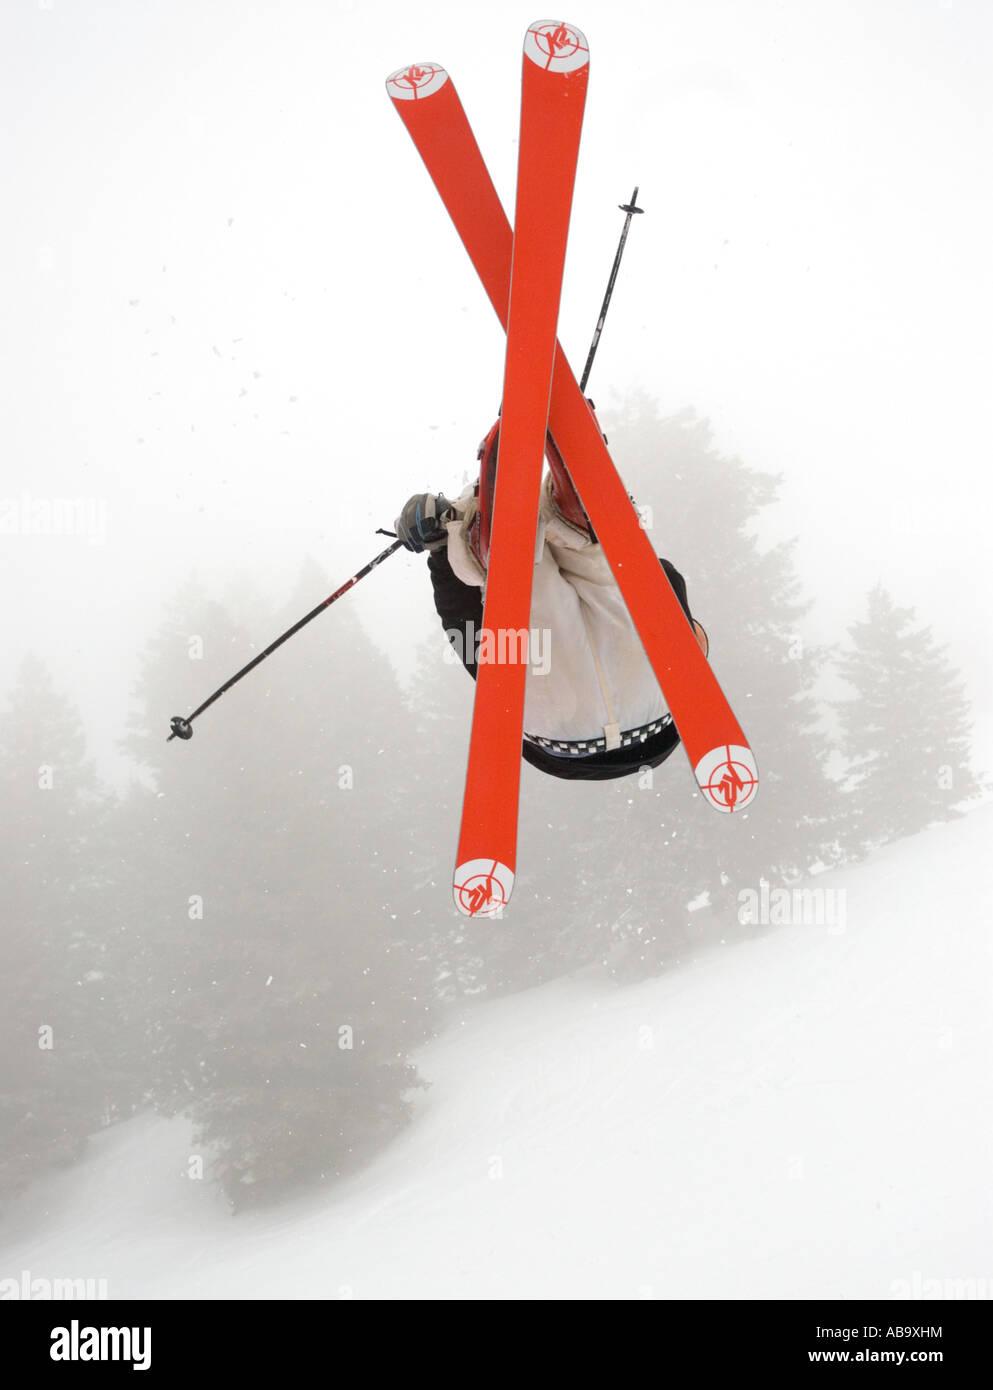 Idaho Bogus Basin Resort un esquiador atrapa el aire en un día de invierno Imagen De Stock